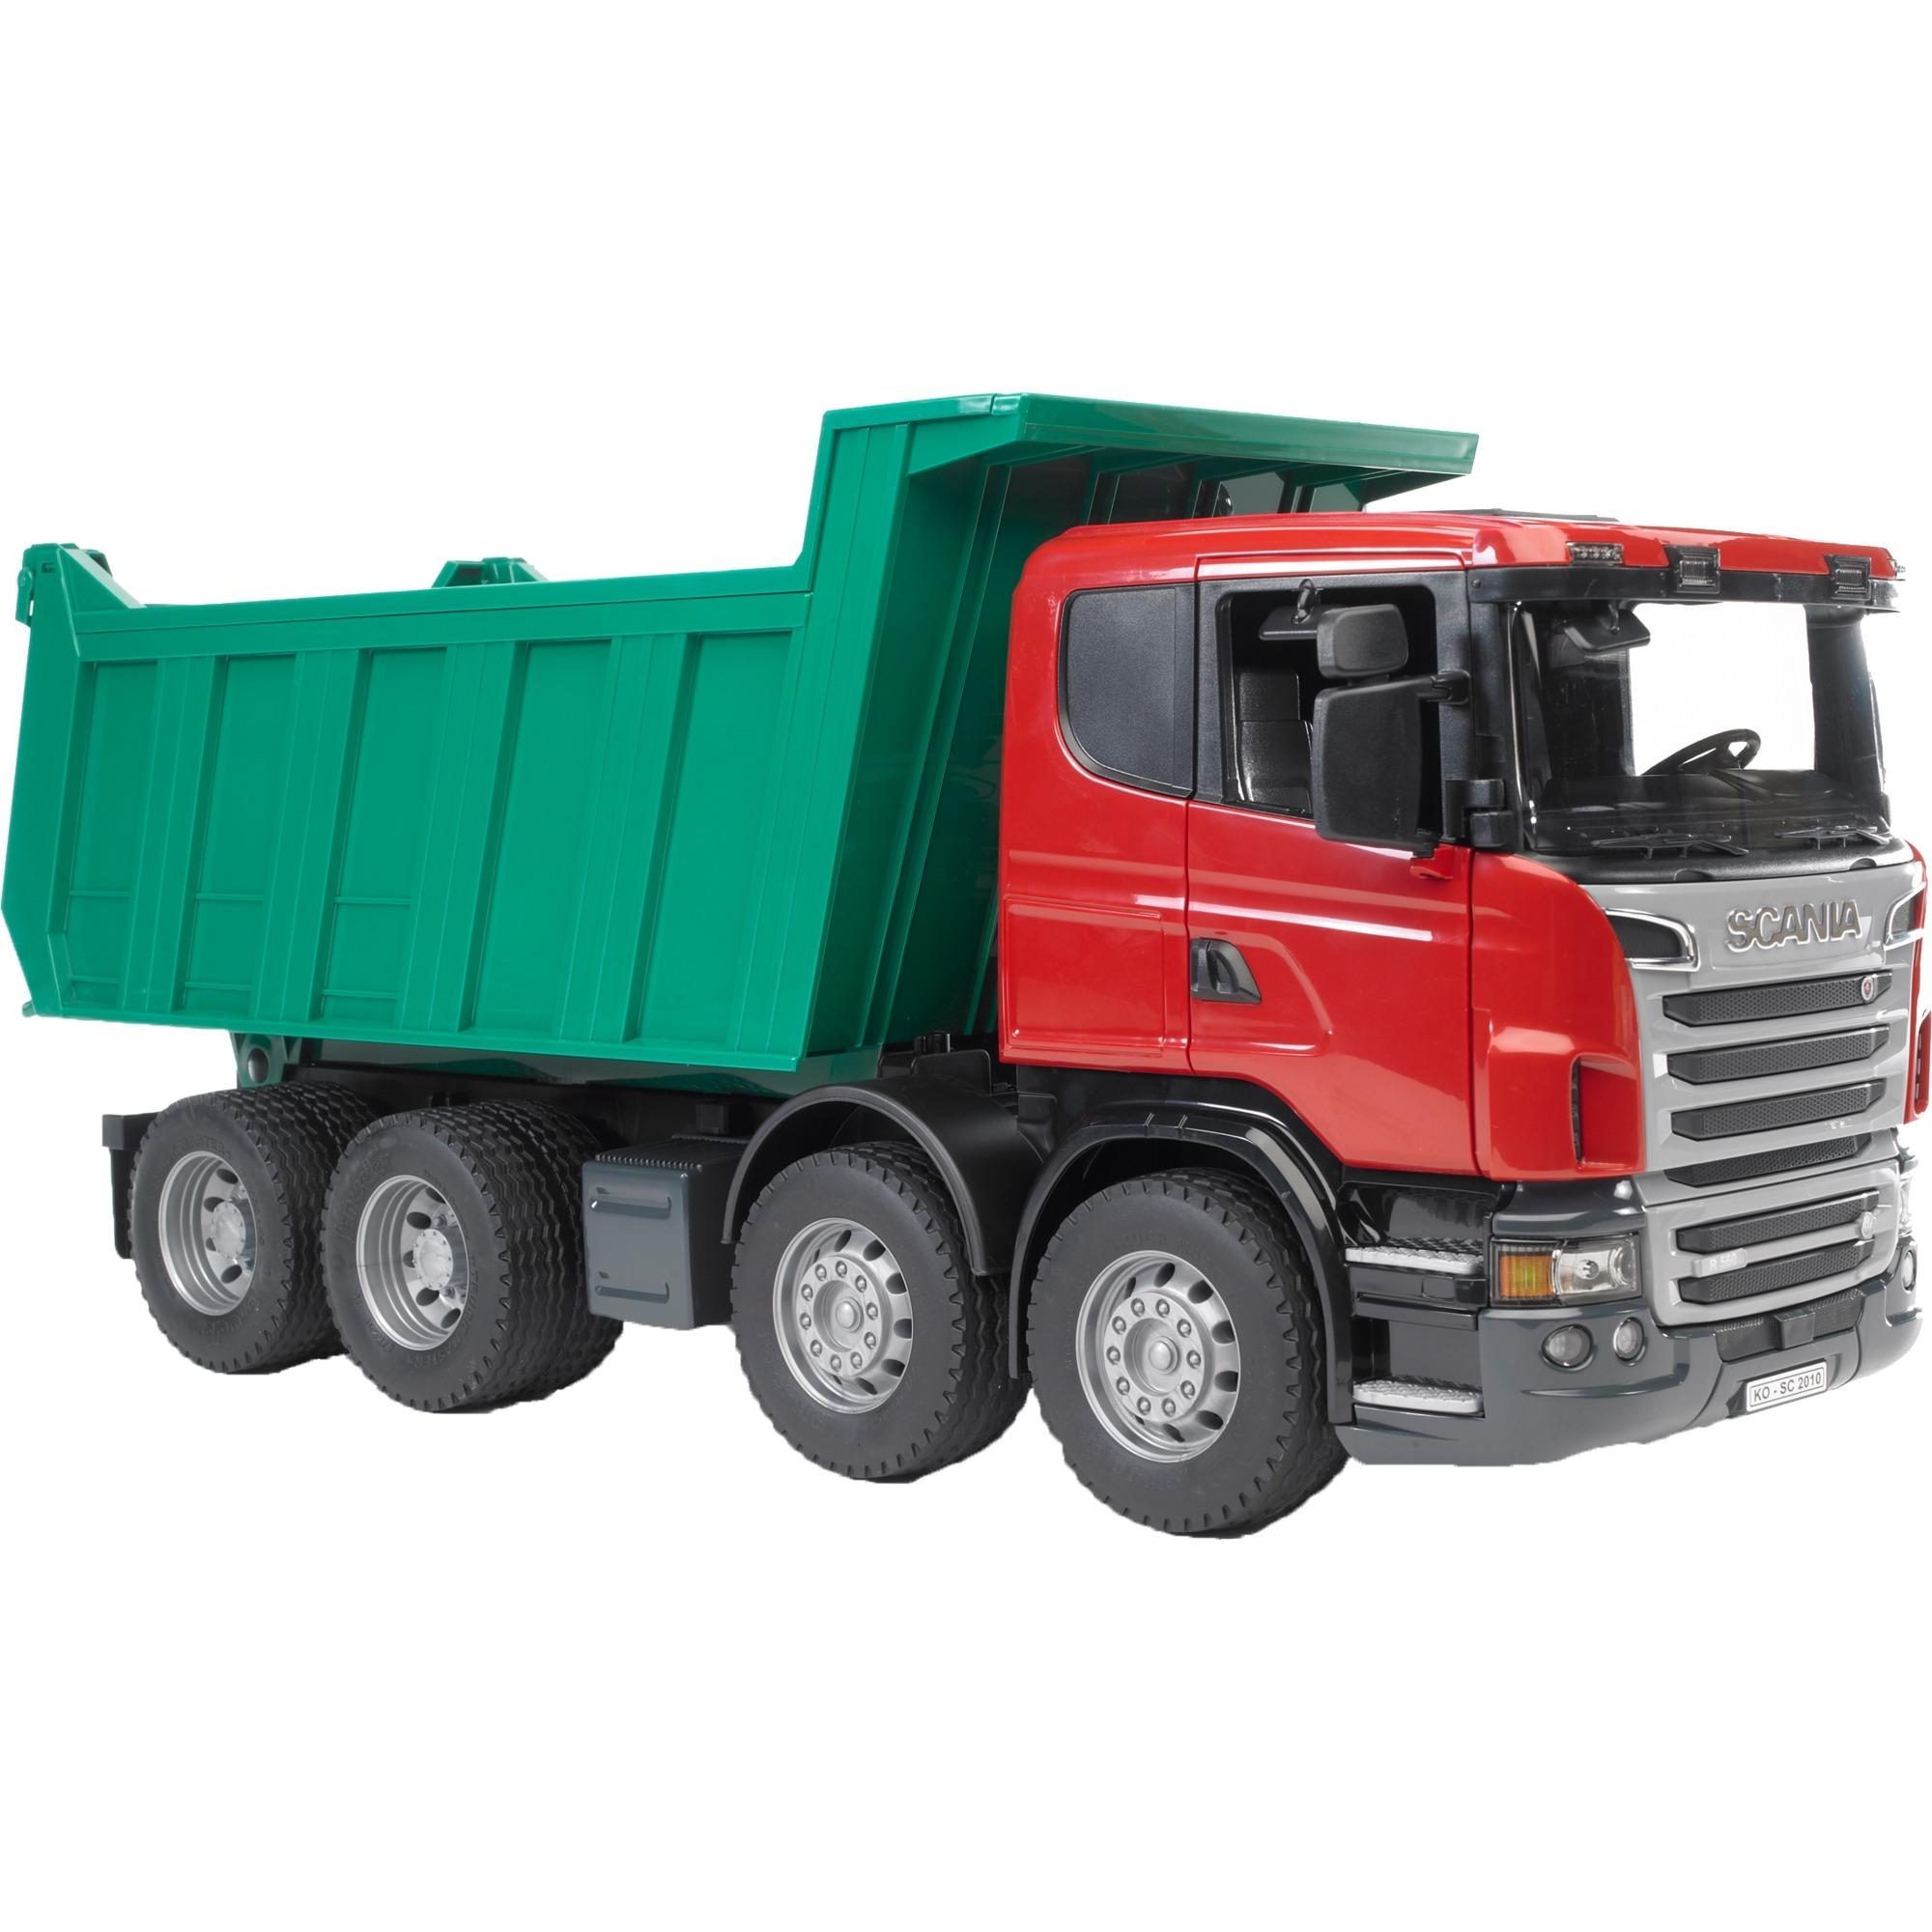 Véhicule Miniature - Camion Benne Scania, Modèle réduit de voiture